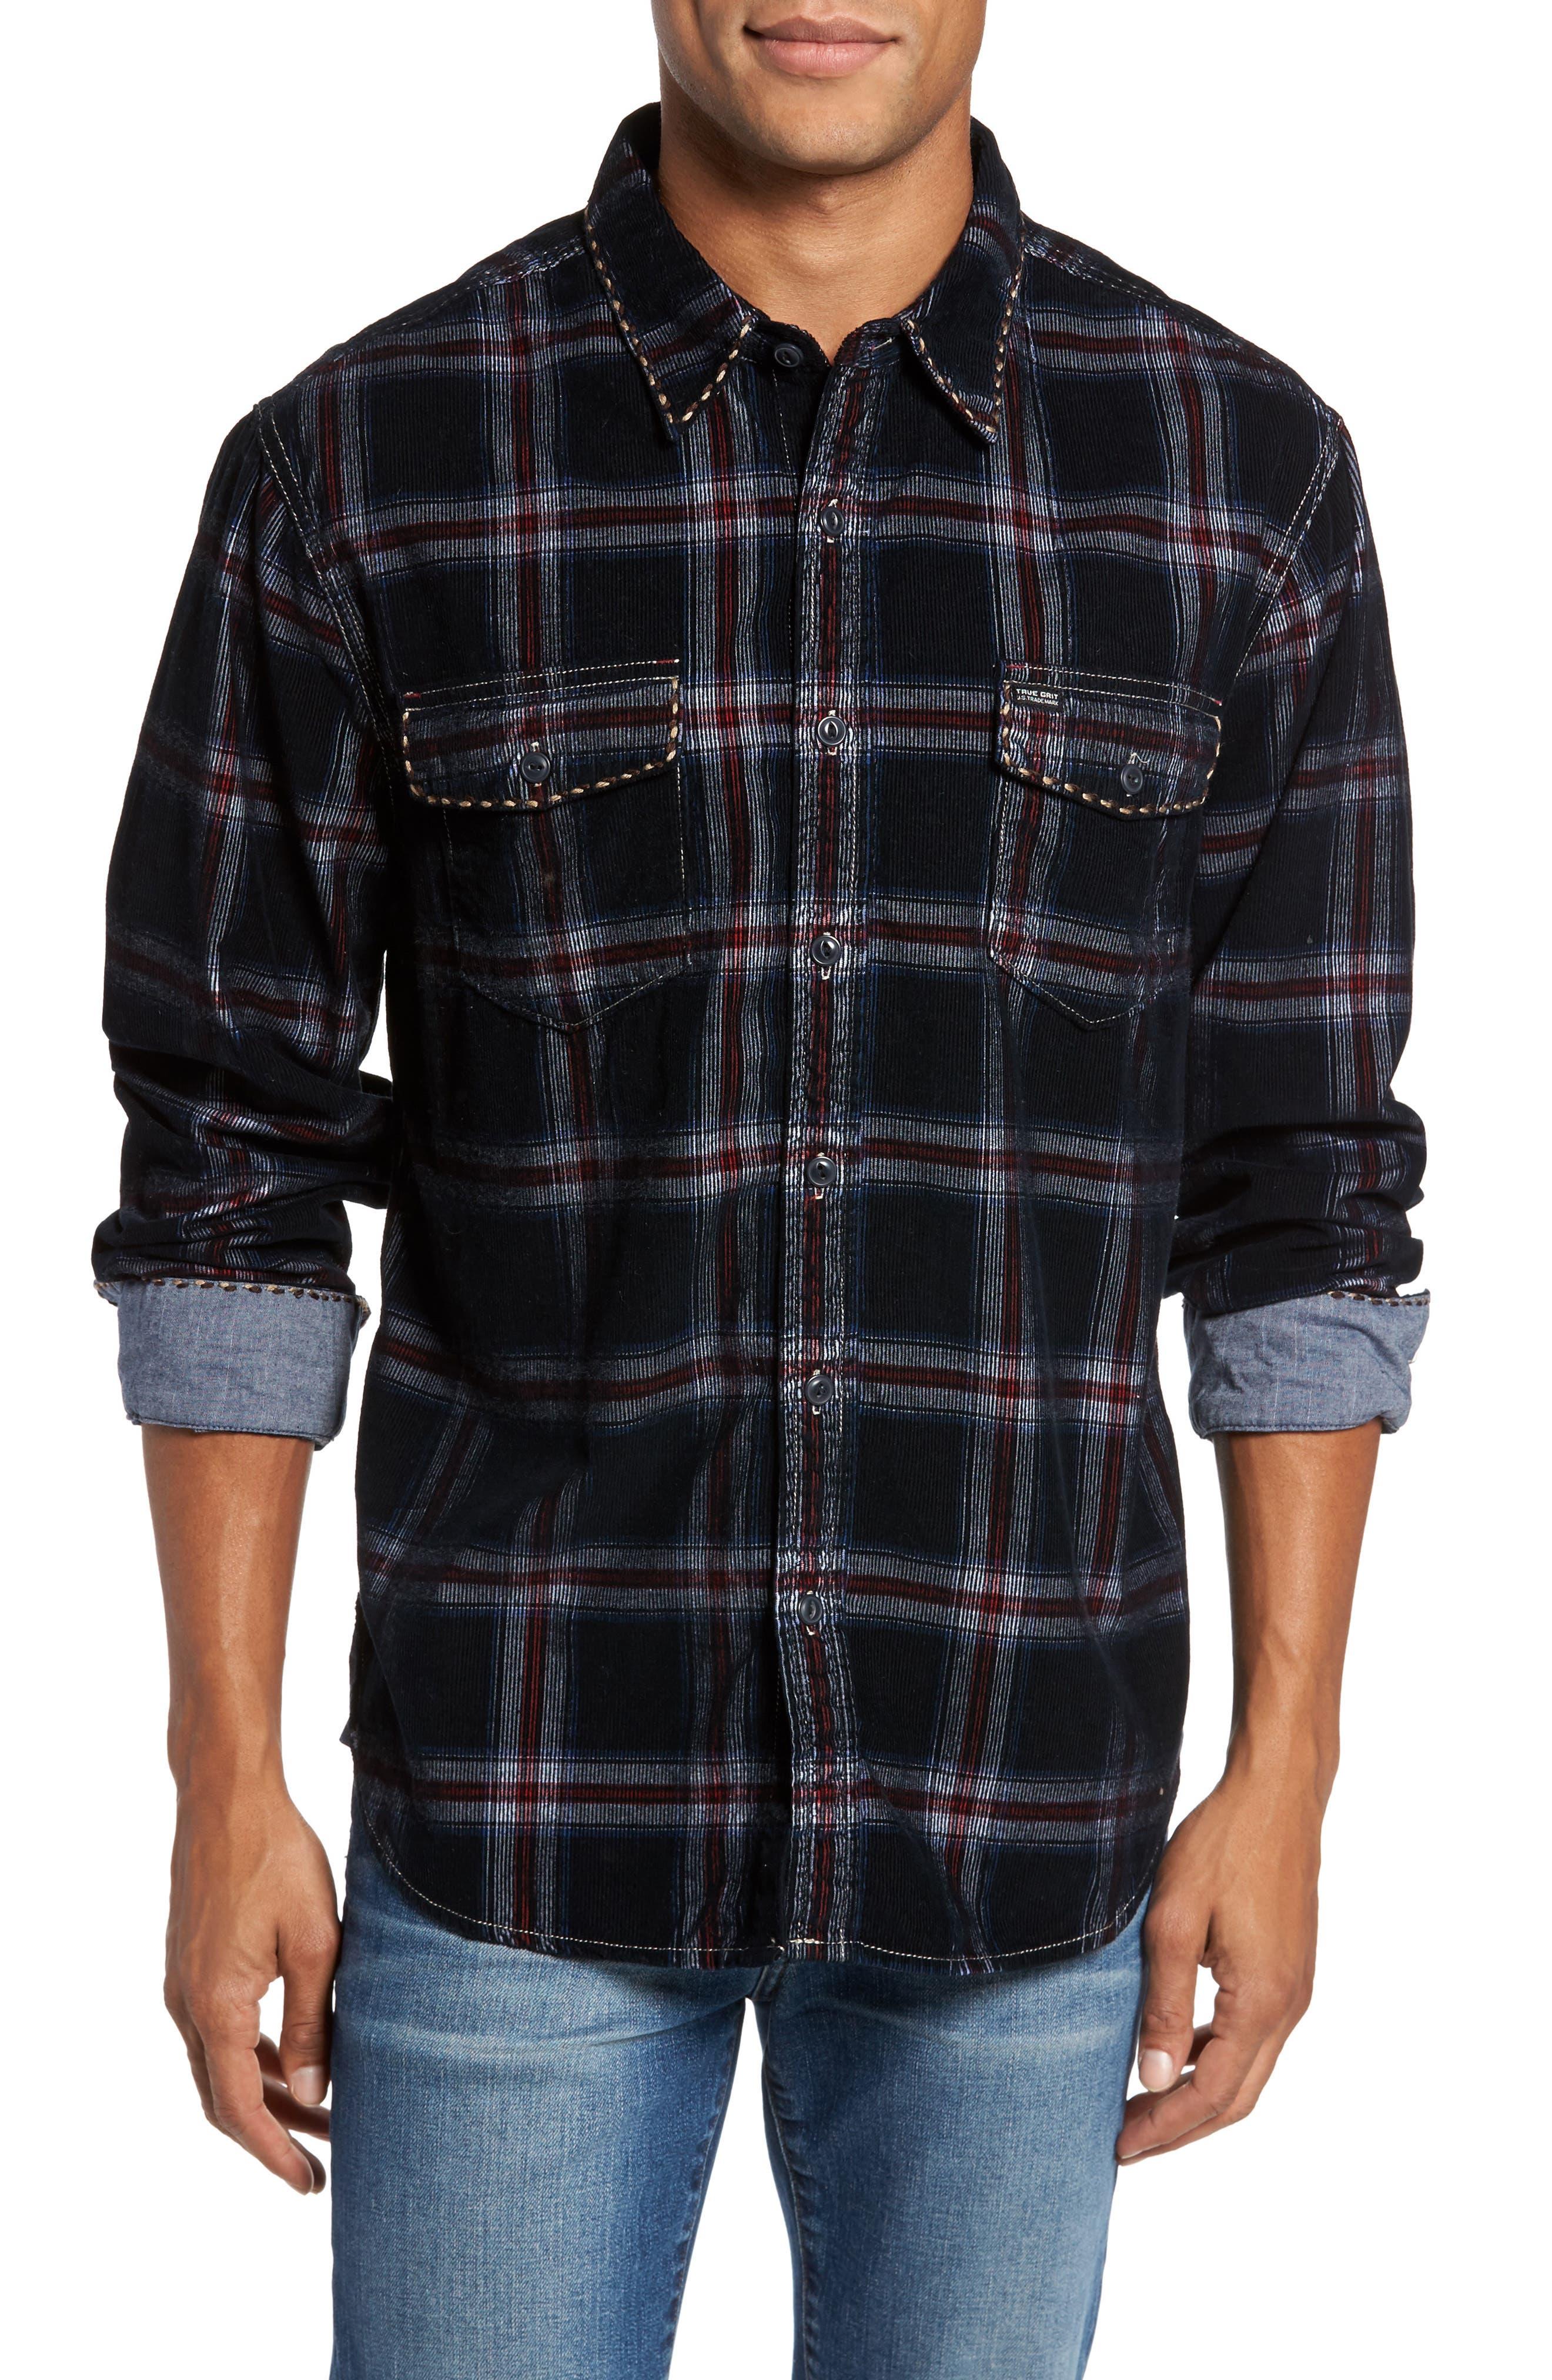 Summit Hunter Plaid Faux Shearling Lined Shirt Jacket,                             Main thumbnail 1, color,                             001